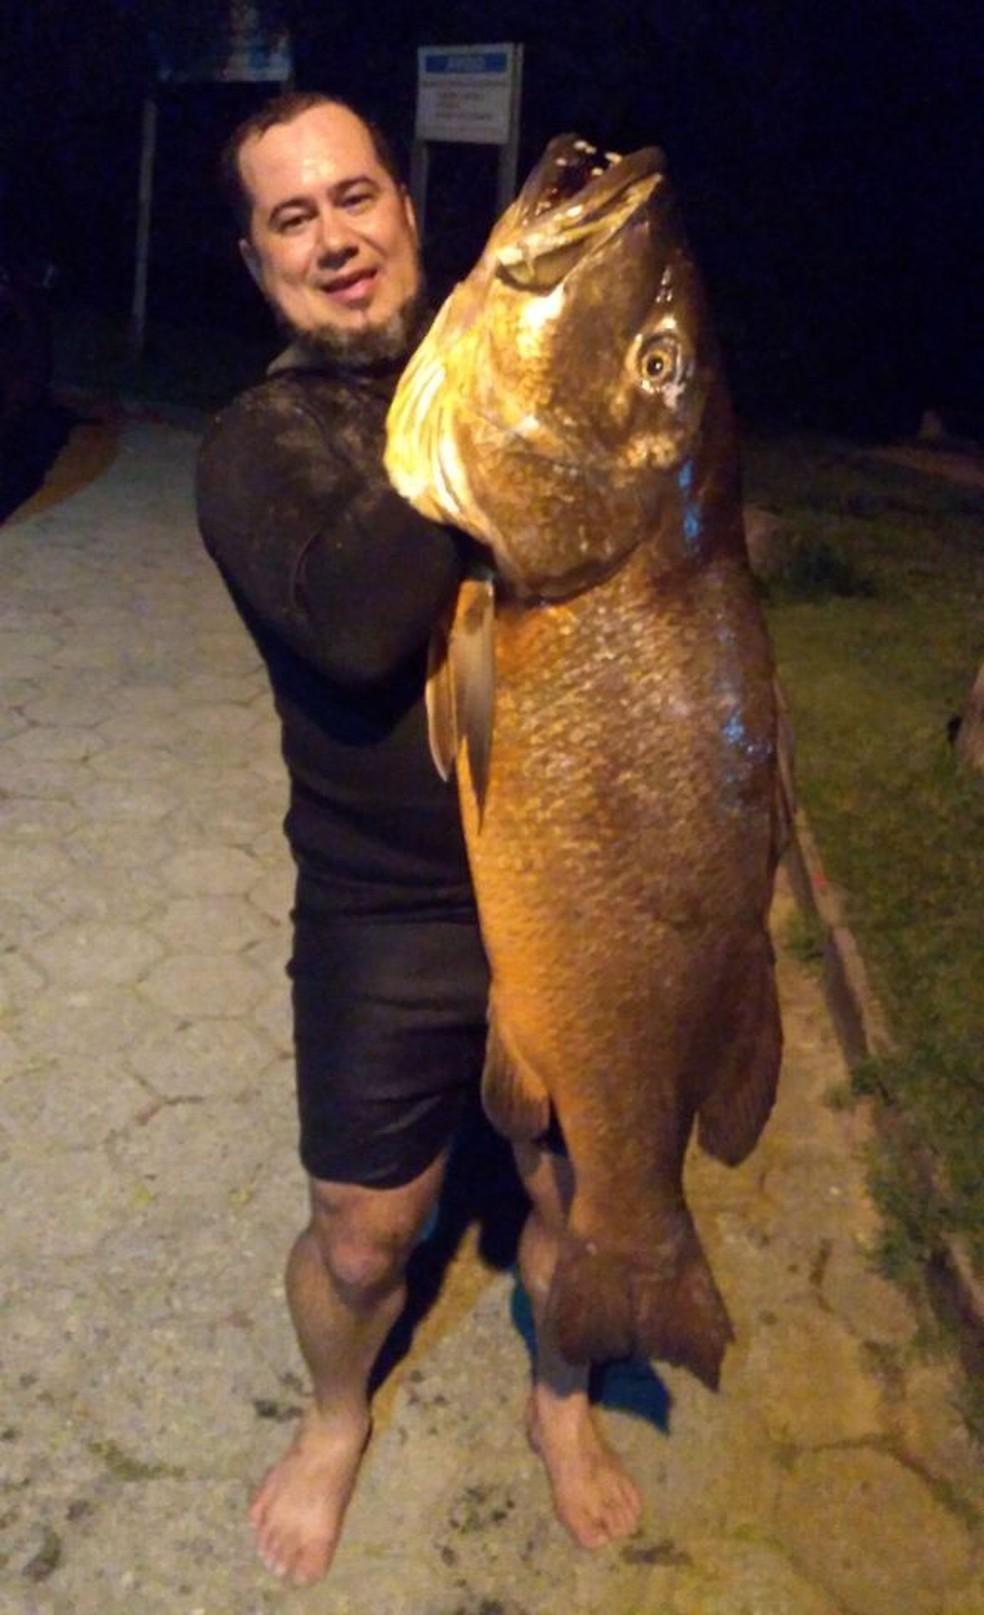 Pescador Josias Weber com peixe caranha de 22 quilos (Foto: Josias Weber/Arquivo pessoal)